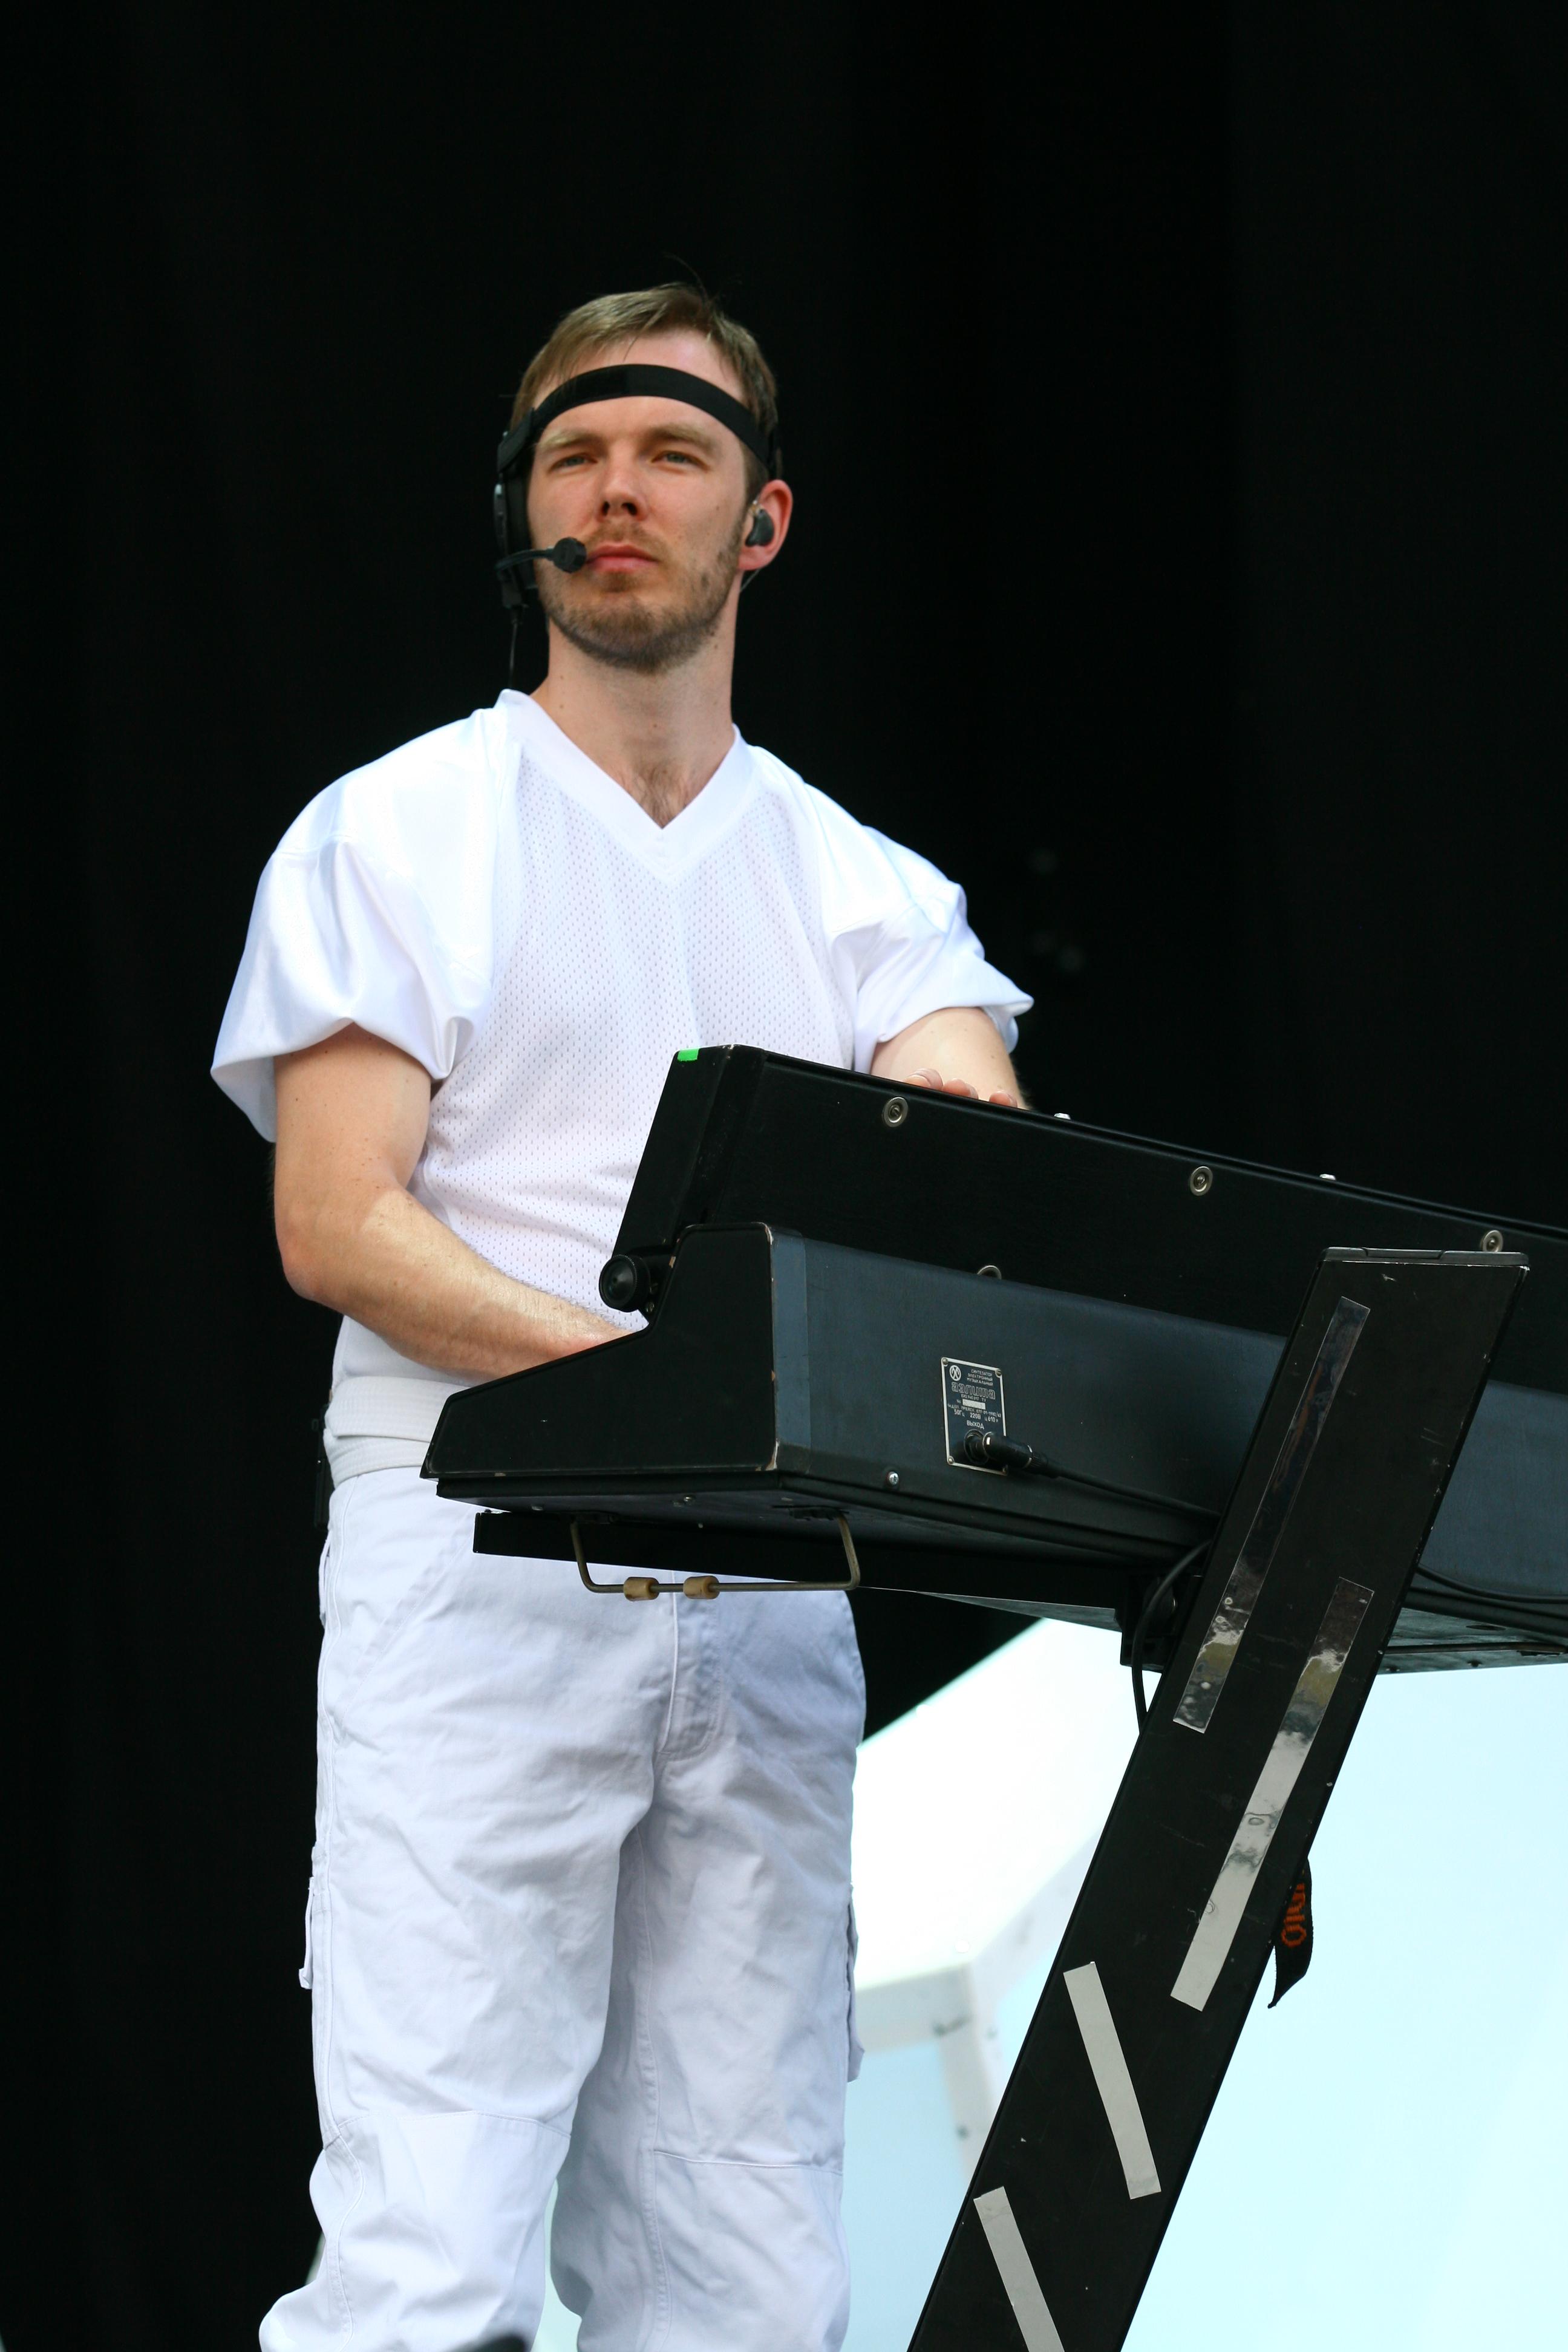 Daniel Haglund